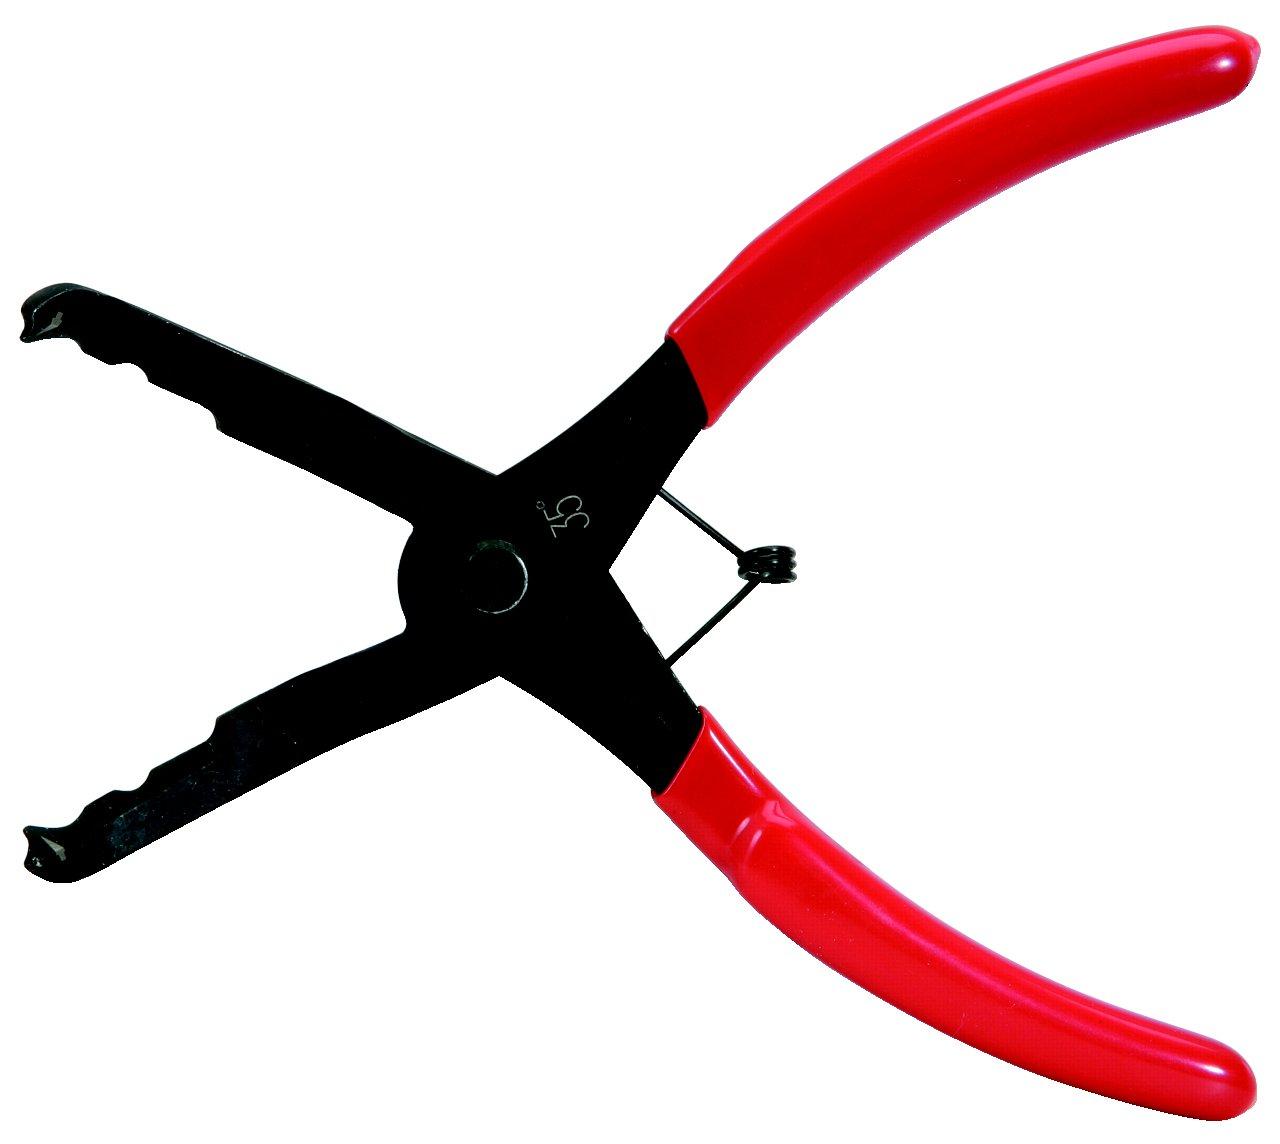 Pince pour collier auto serrant diam tre 8 18 mm - Pince collier auto serrant ...